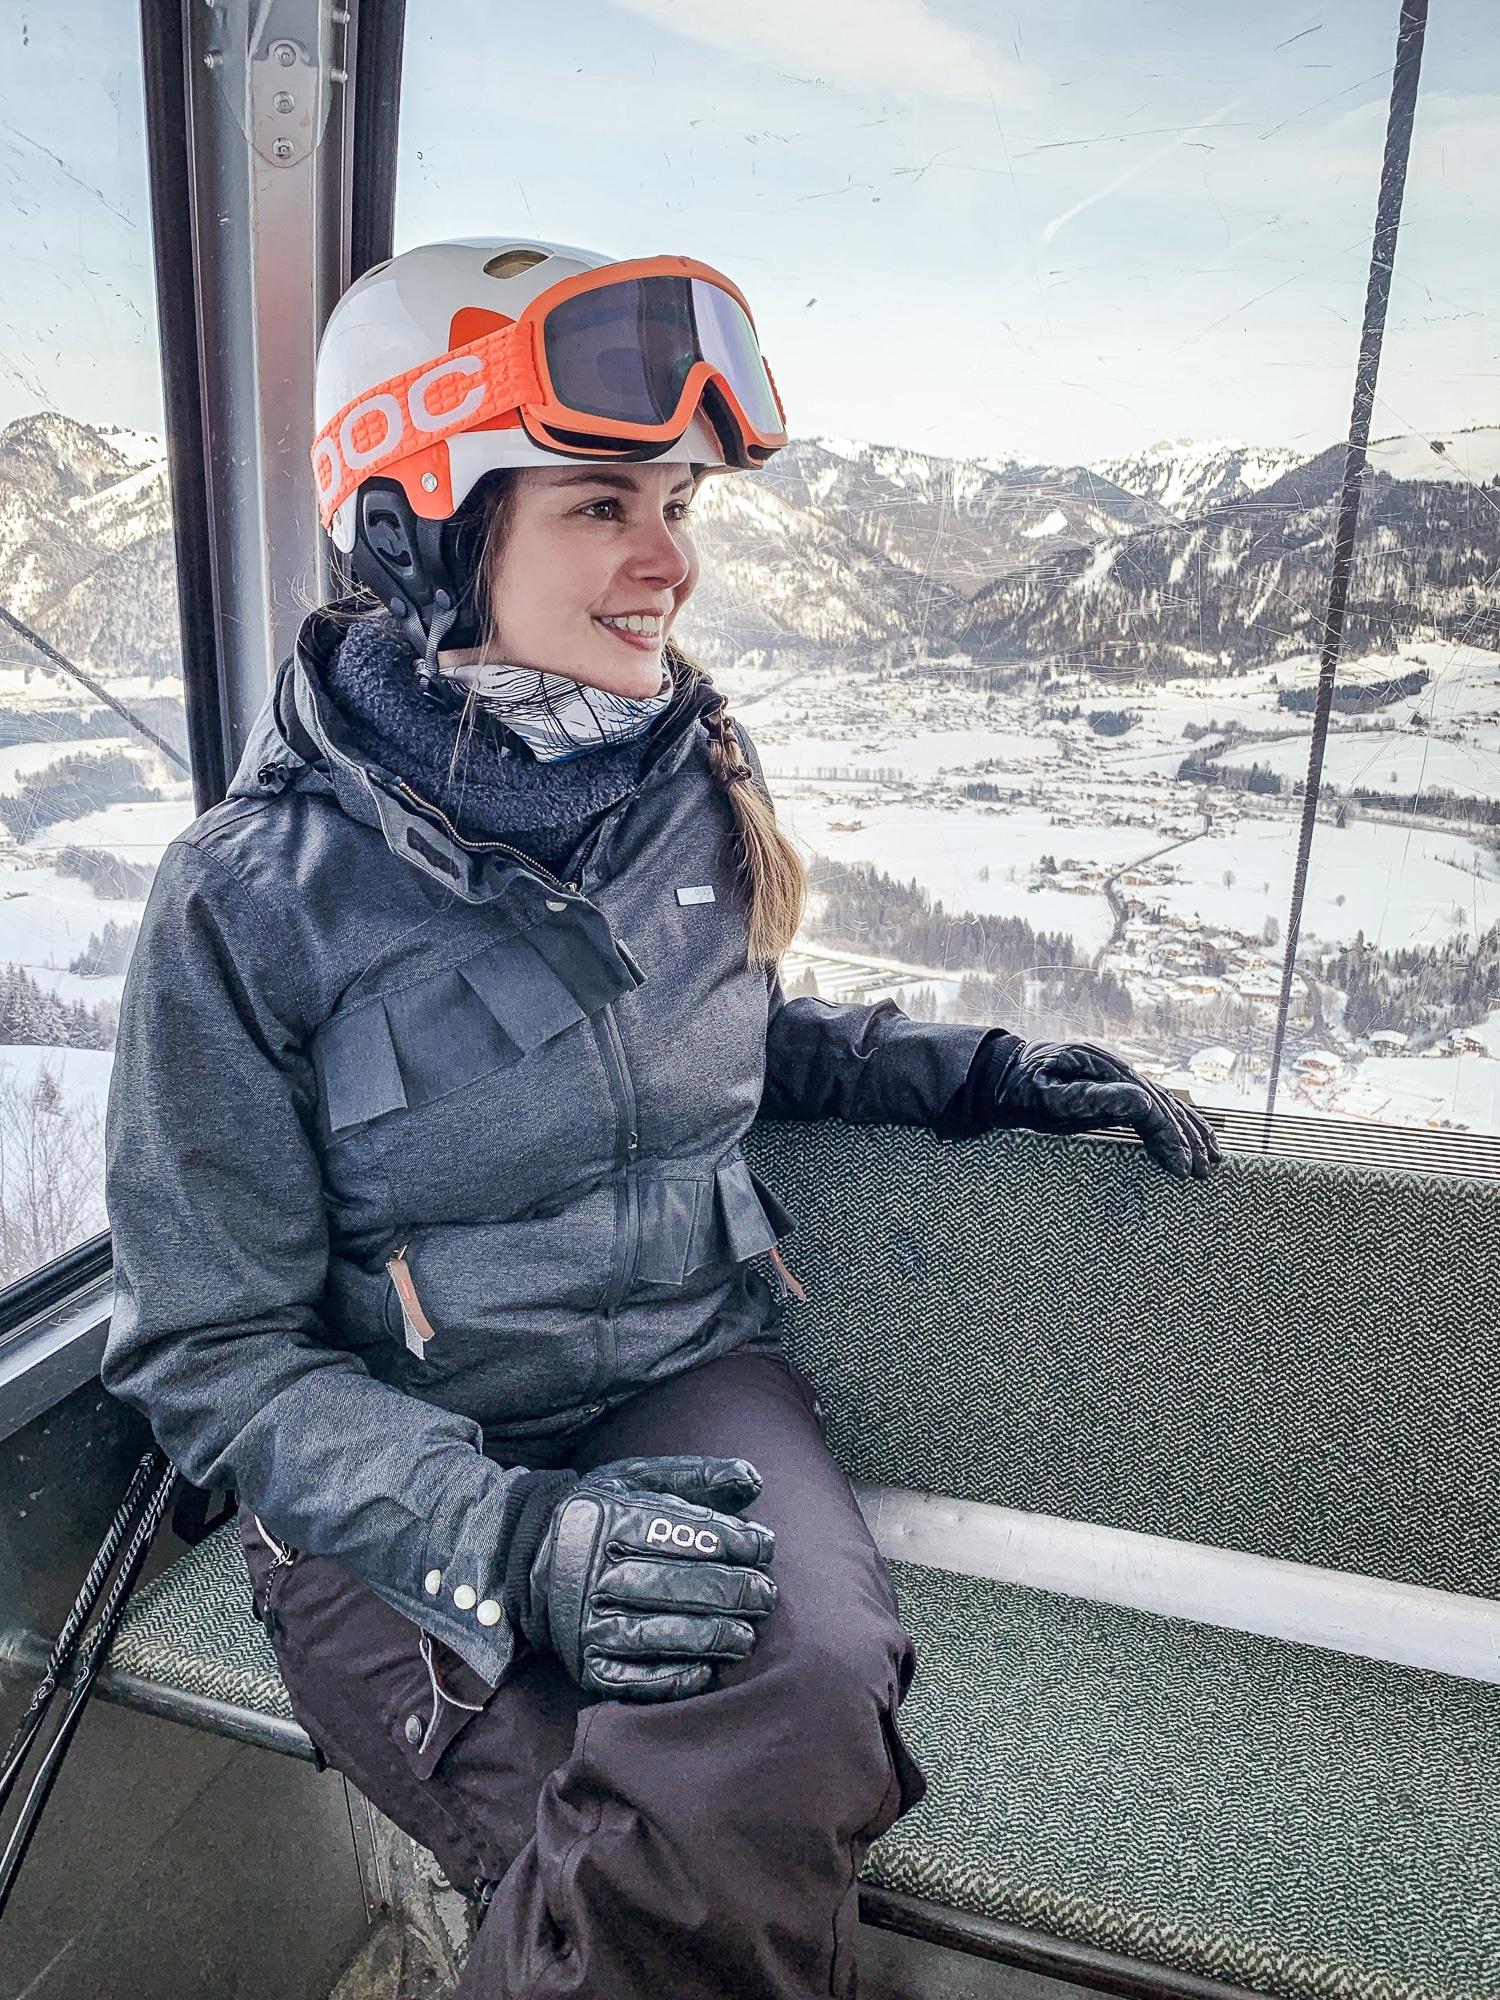 Kaiserwinkl Skiurlaub: Tipps zum Skifahren, Langlauf & andere Highlights - Skifahren Bergbahnen Hochkössen